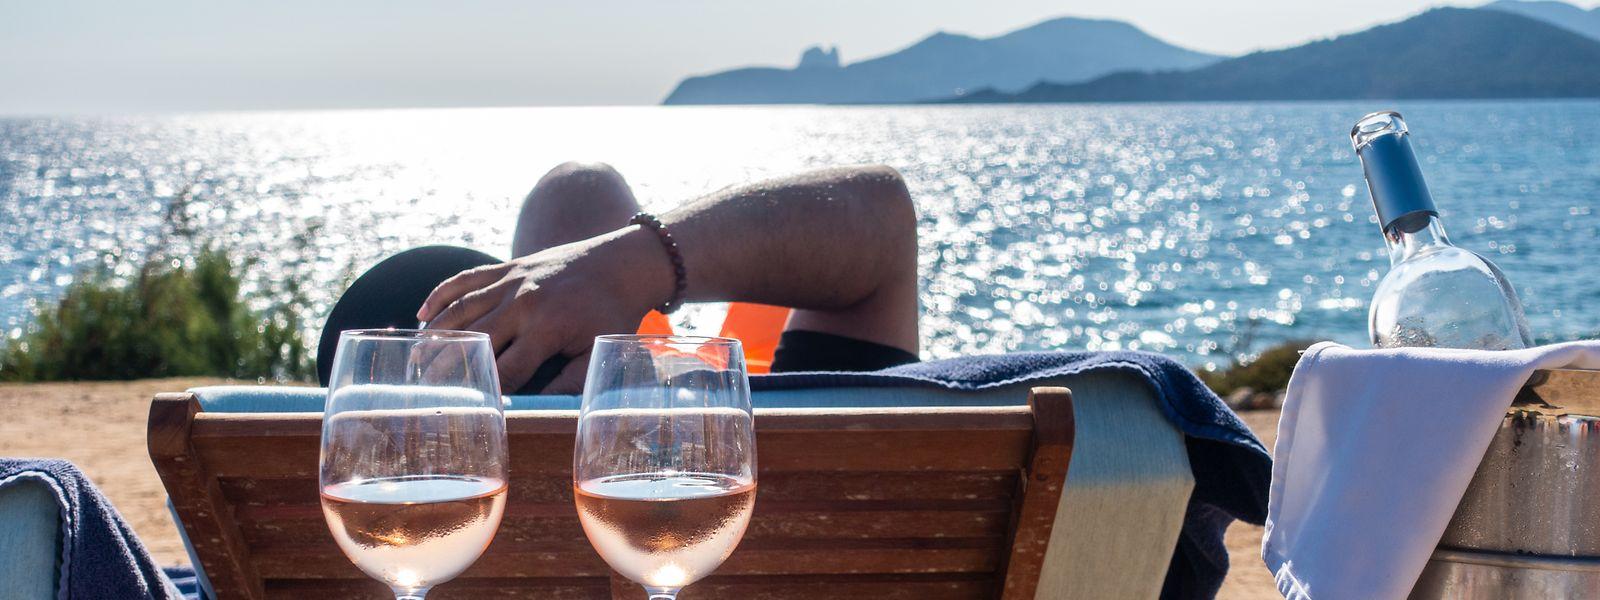 Chillen am Strand Es Codolar: Das UrlaubszielIbiza wartet auf Gäste.